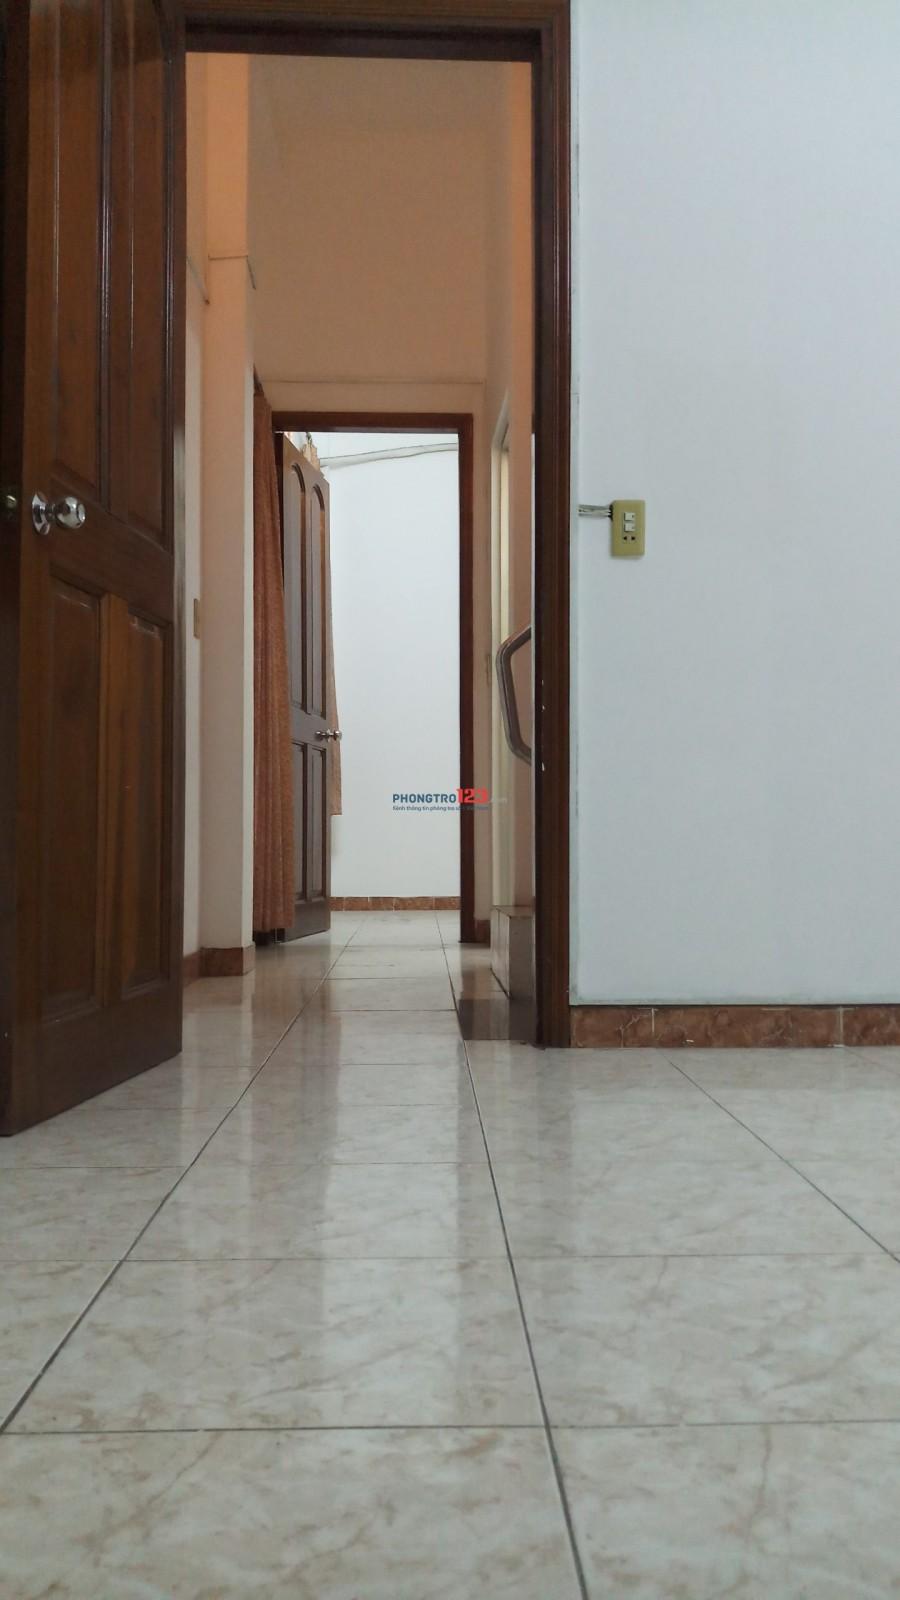 Cho thuê nhà căn góc HXT 16/77 Nguyễn Thiện Thuật Q.3 - 3.6x11m 3lầu 150m - chốt 25tr